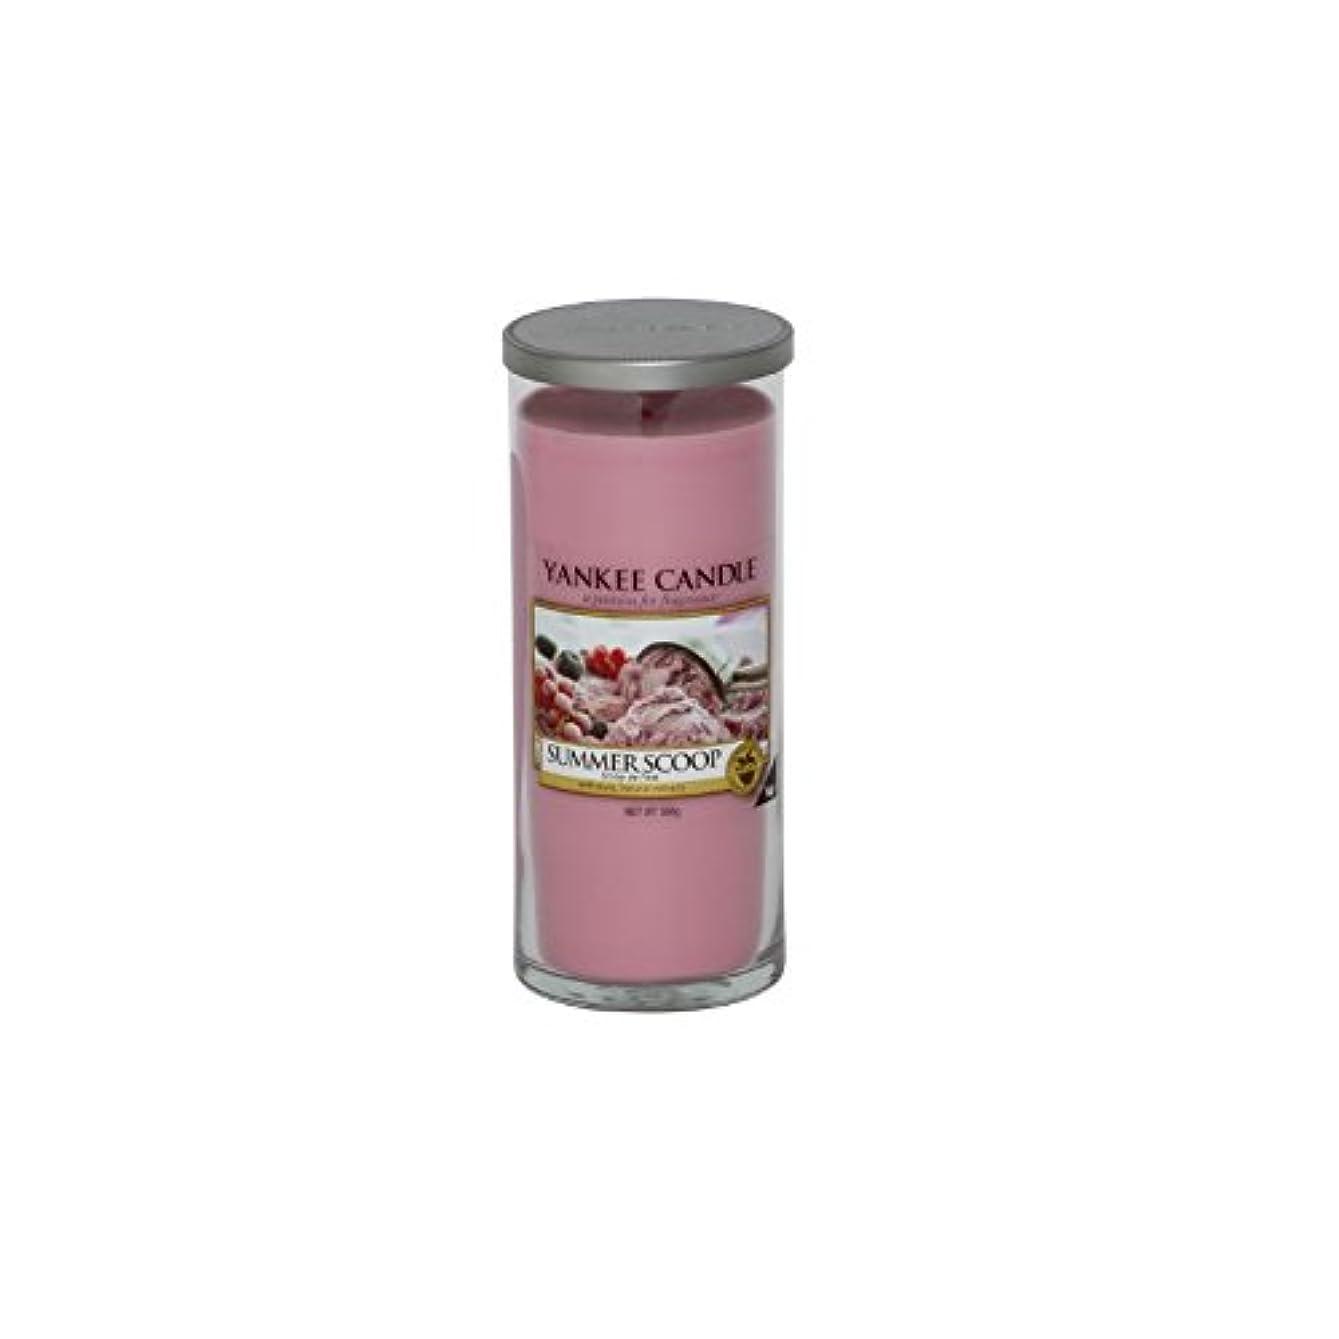 ご近所押し下げる没頭するYankee Candles Large Pillar Candle - Summer Scoop (Pack of 2) - ヤンキーキャンドル大きな柱キャンドル - 夏のスクープ (x2) [並行輸入品]